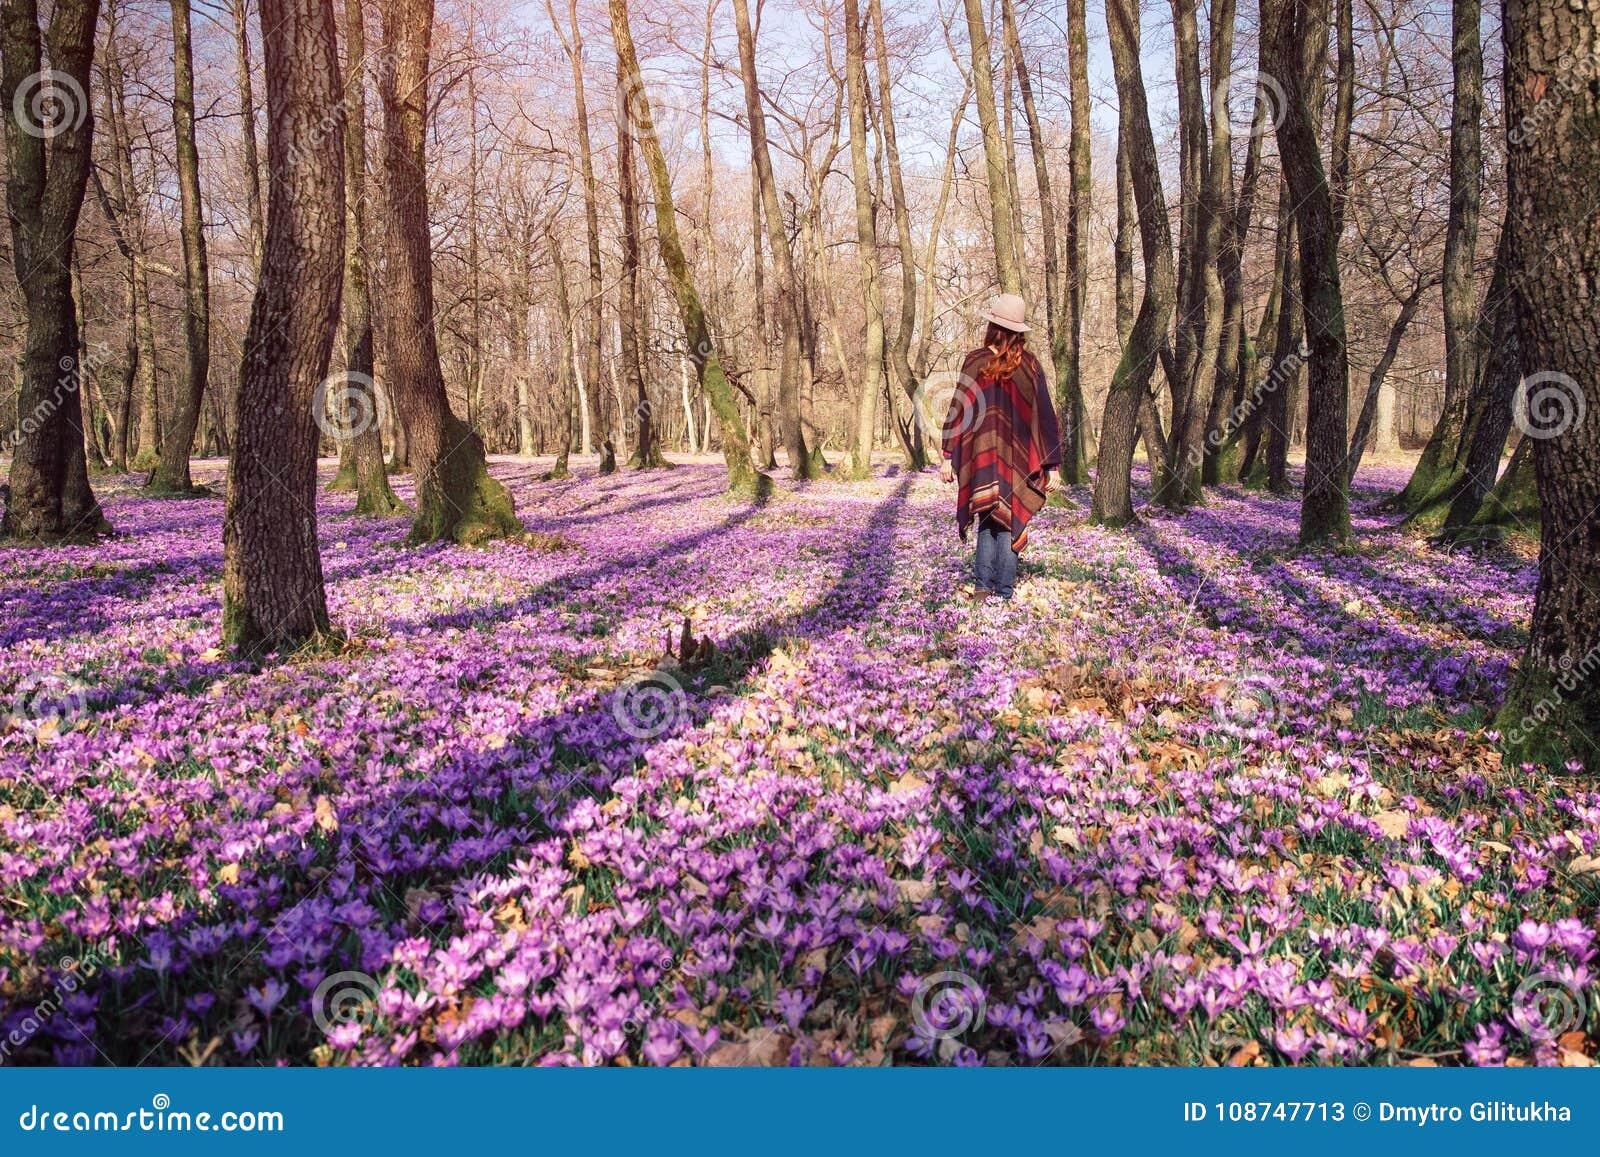 Blühende Natur, Krokusse, junger Reisender